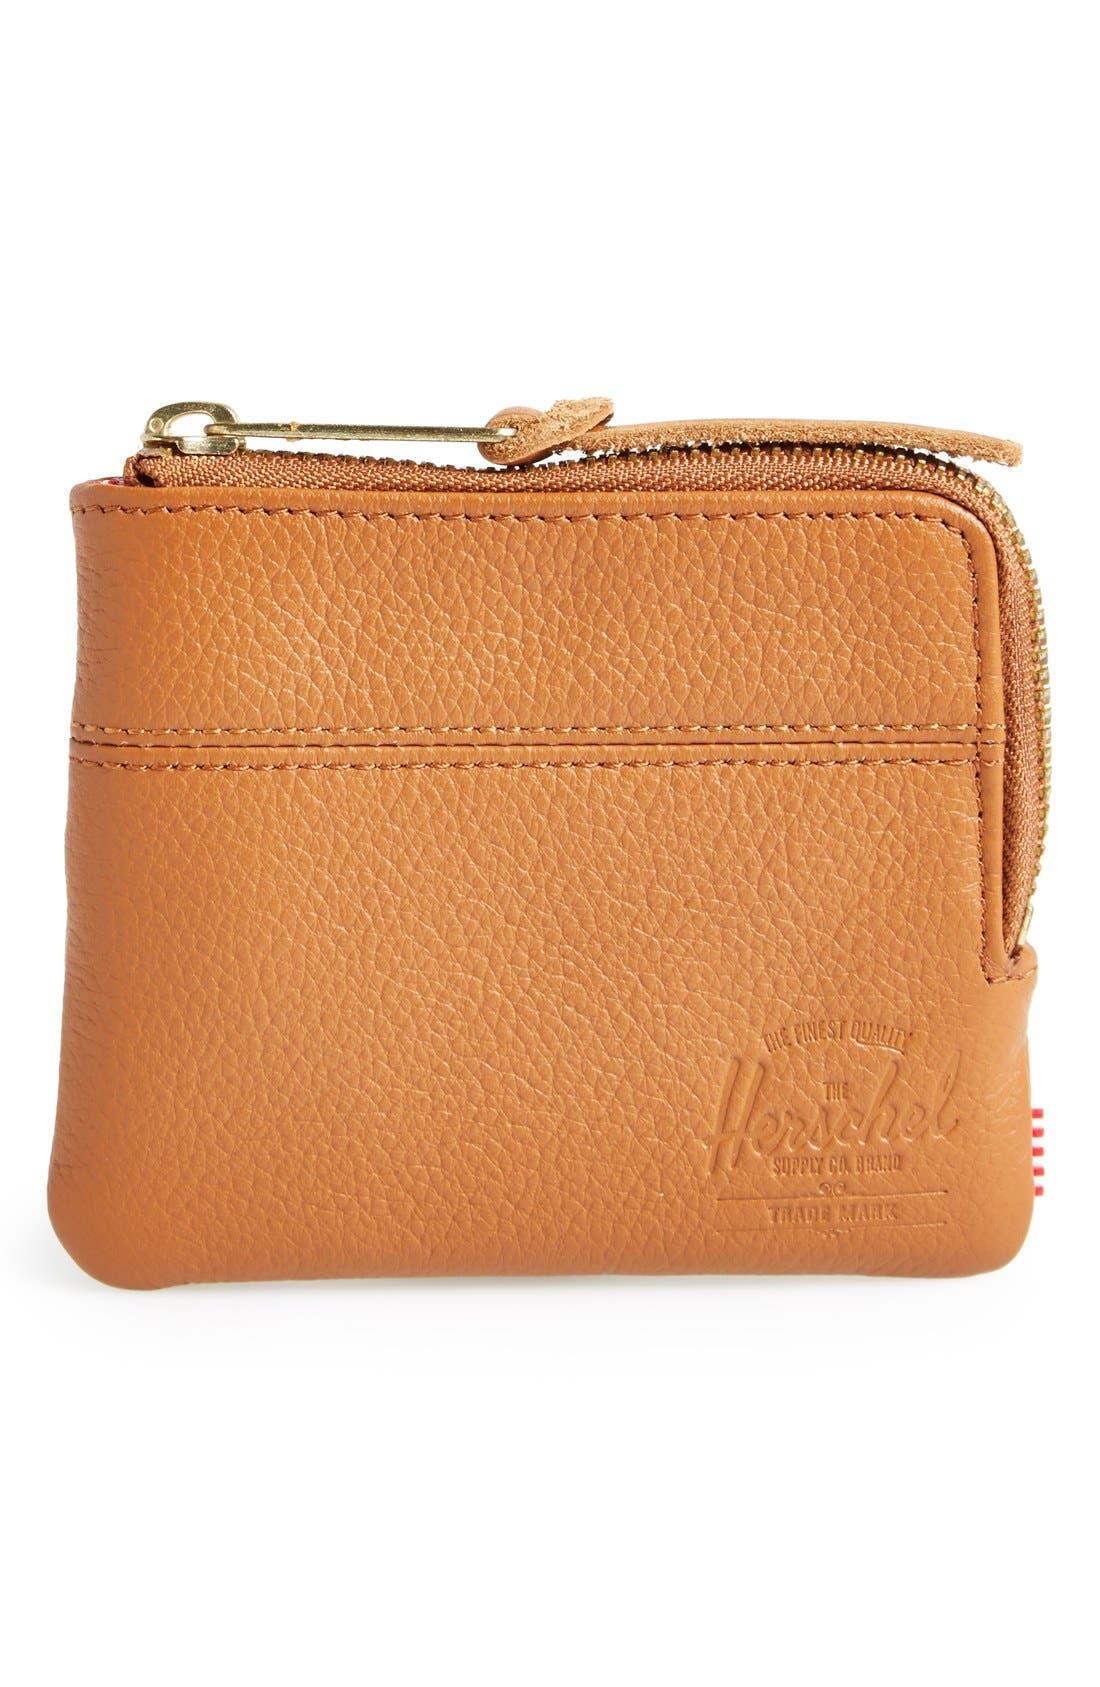 Alternate Image 1 Selected - Herschel Supply Co. 'Johnny' Half Zip Leather Wallet